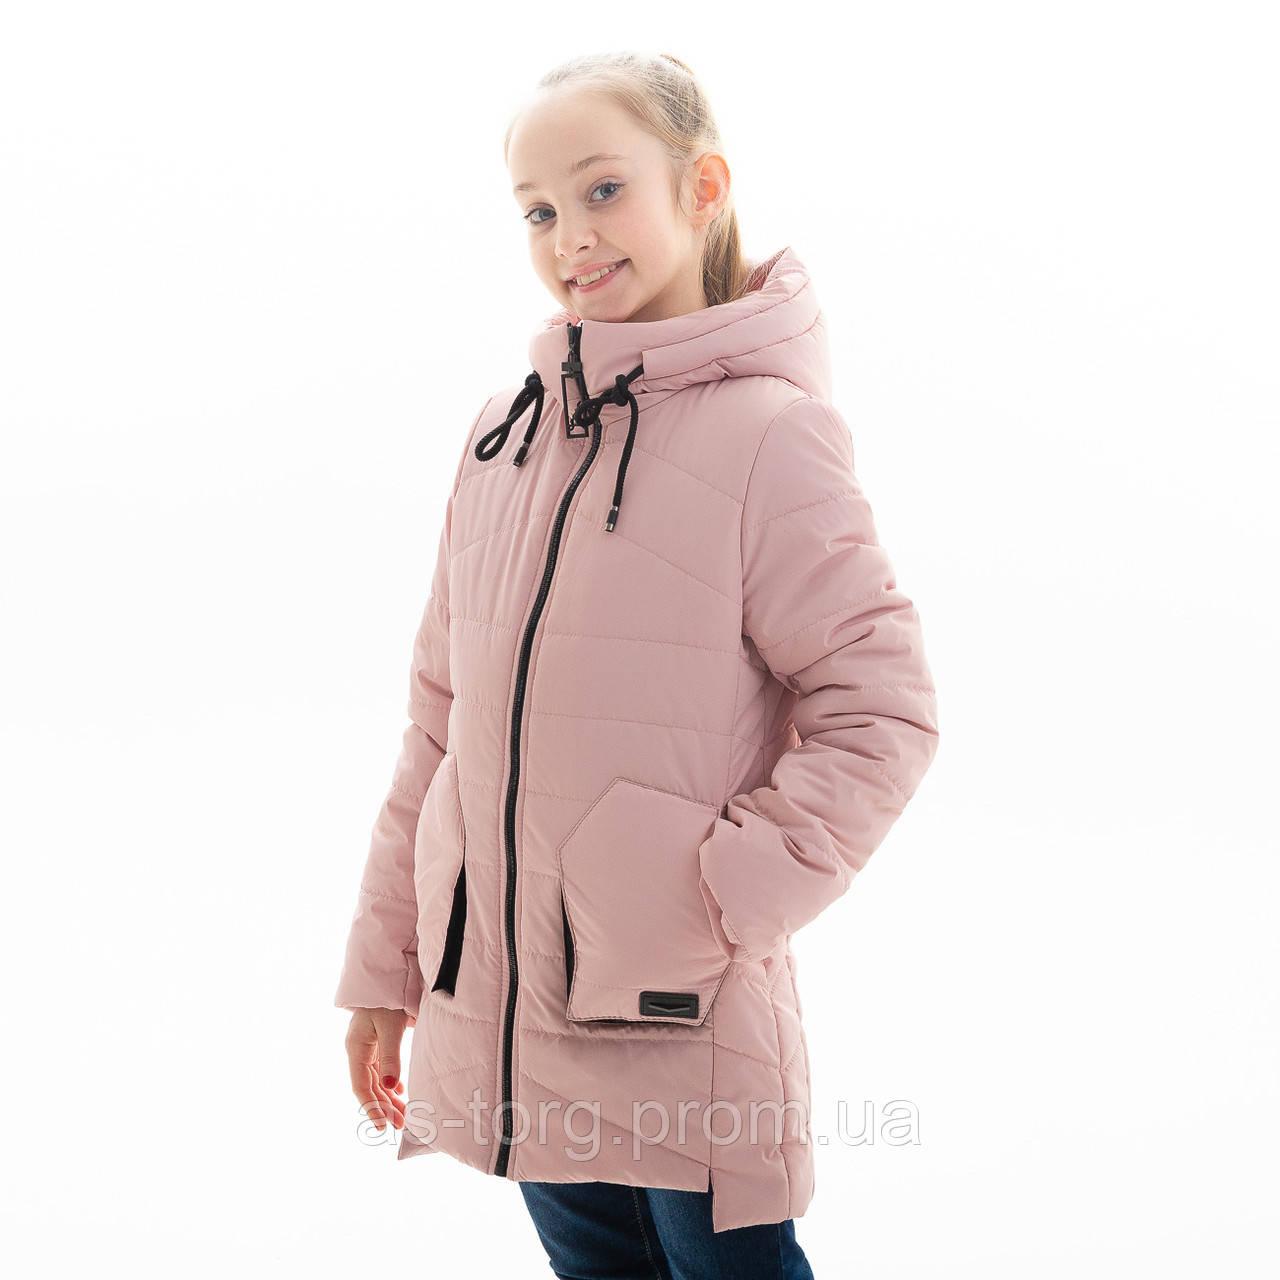 Куртка демисезонная для девочки «Патрика»